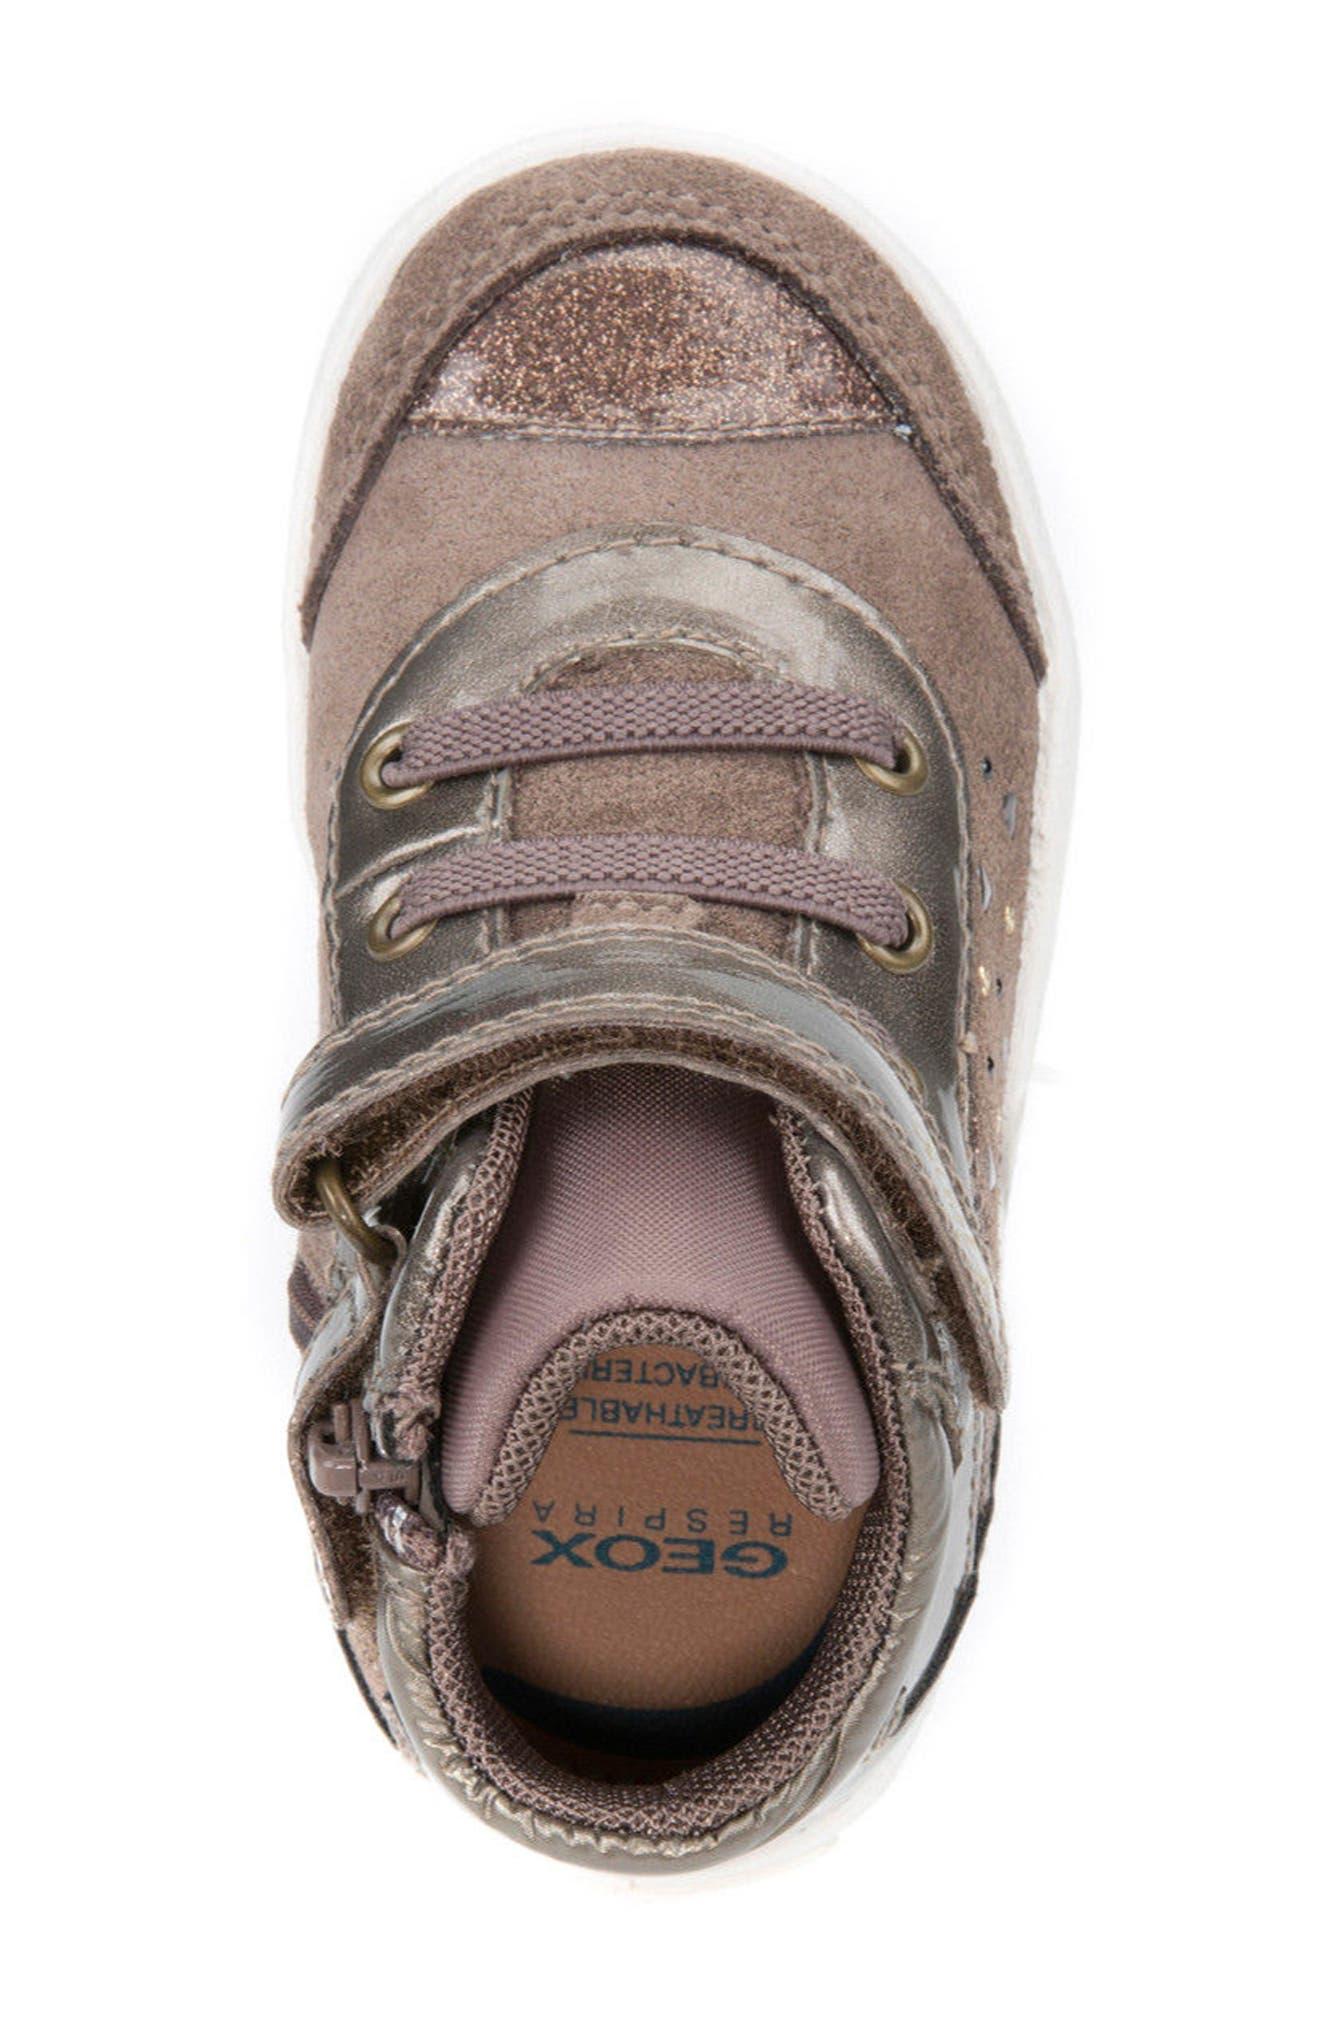 Kiwi Girl Studded High Top Sneaker,                             Alternate thumbnail 15, color,